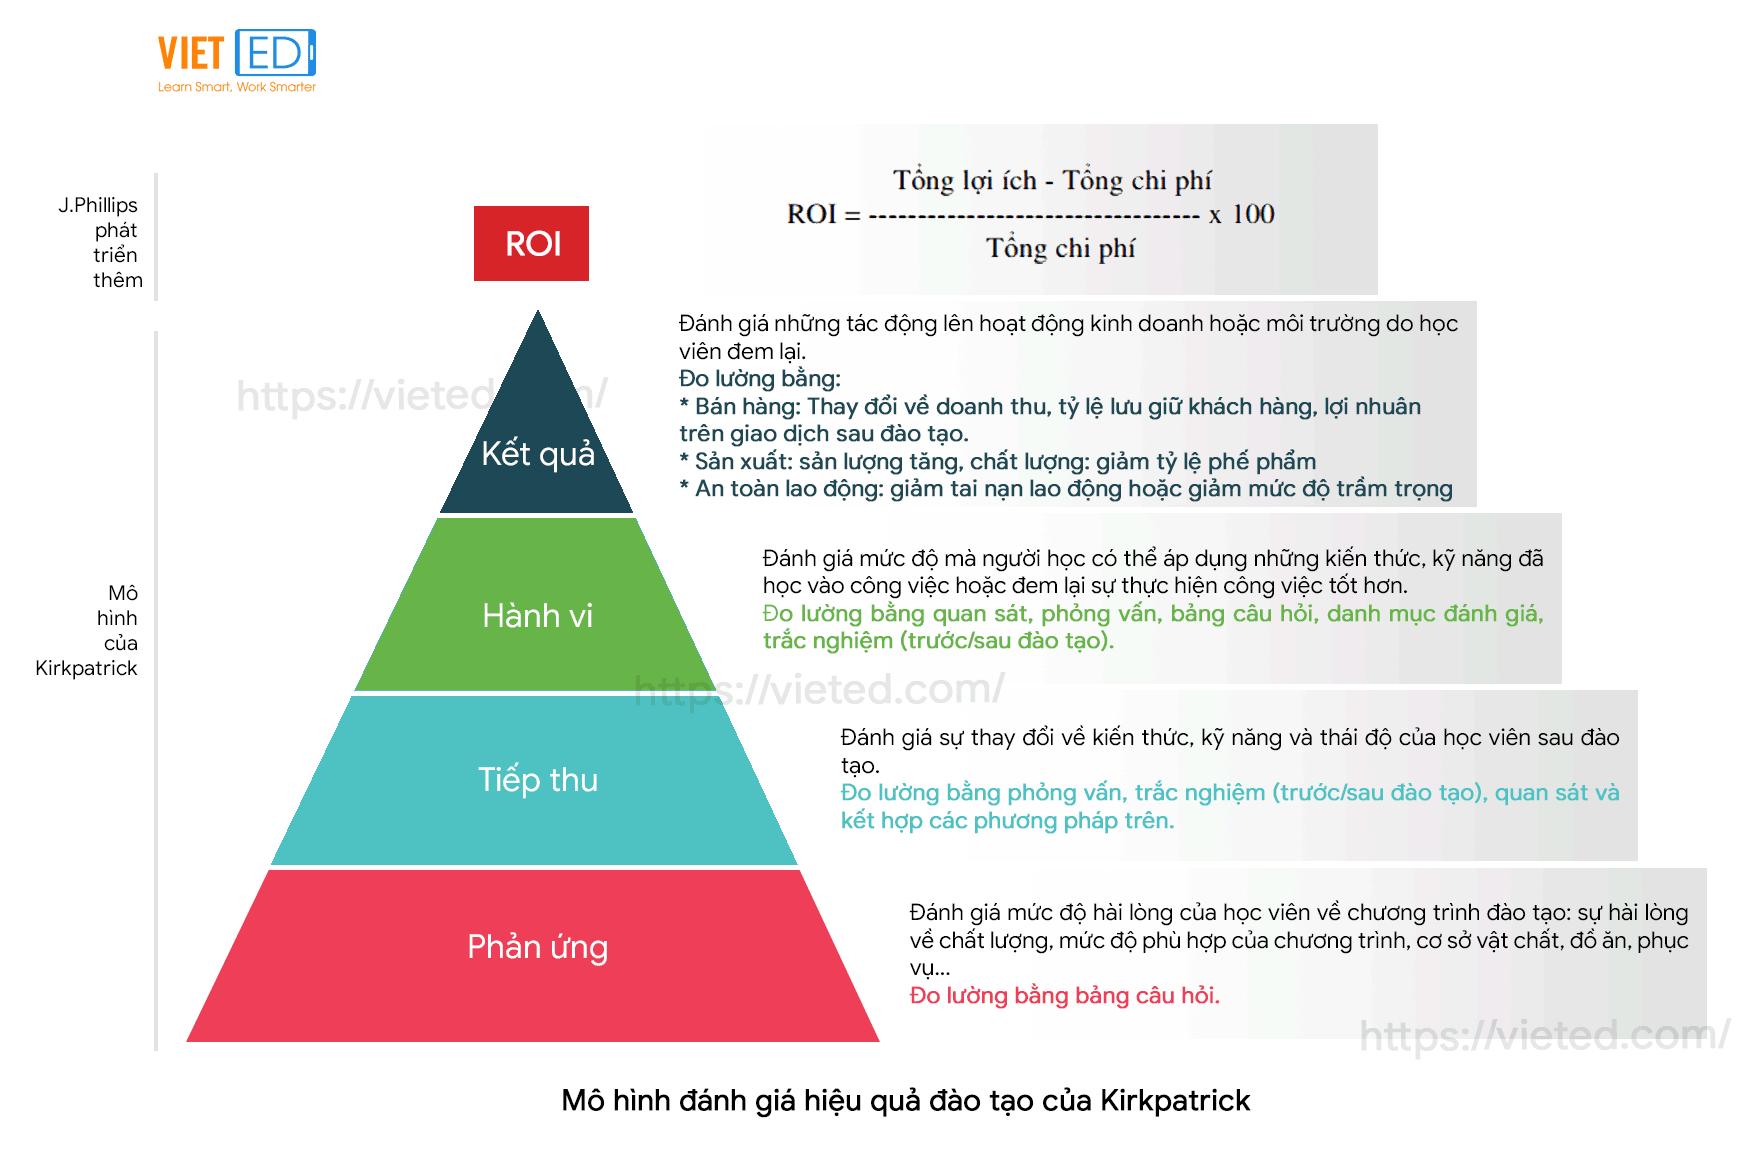 Mô hình đánh giá hiệu quả đào tạo mở rộng